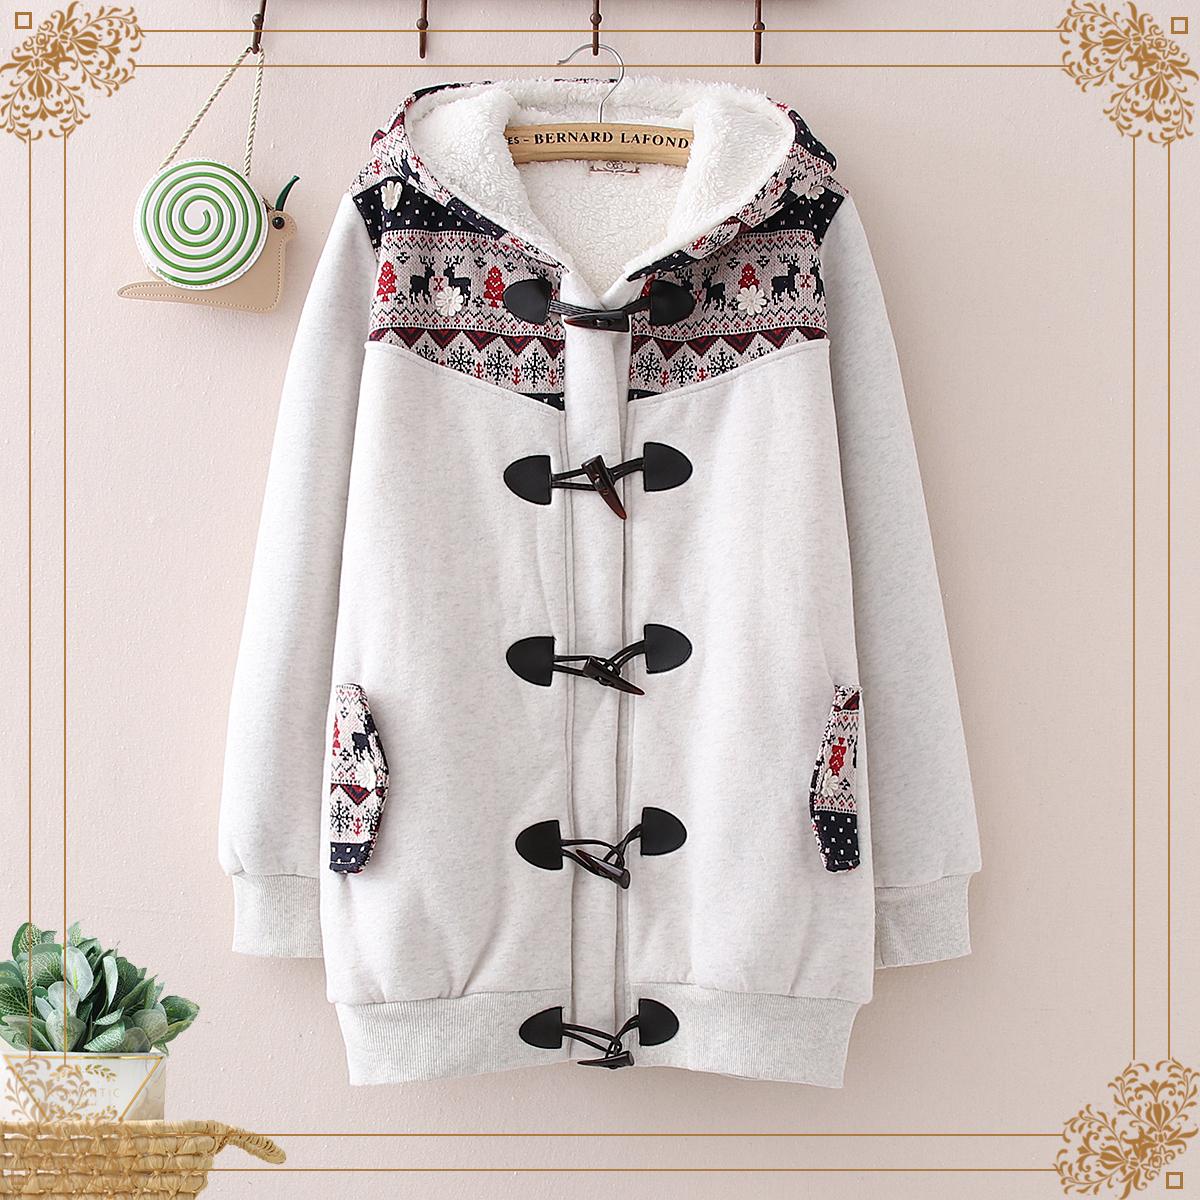 Đại học phong cách quần áo mùa thu đông mới cô gái dễ thương trùm đầu cộng với nhung nhung khóa áo khoác cotton học sinh áo khoác cotton nữ Mori - Bông